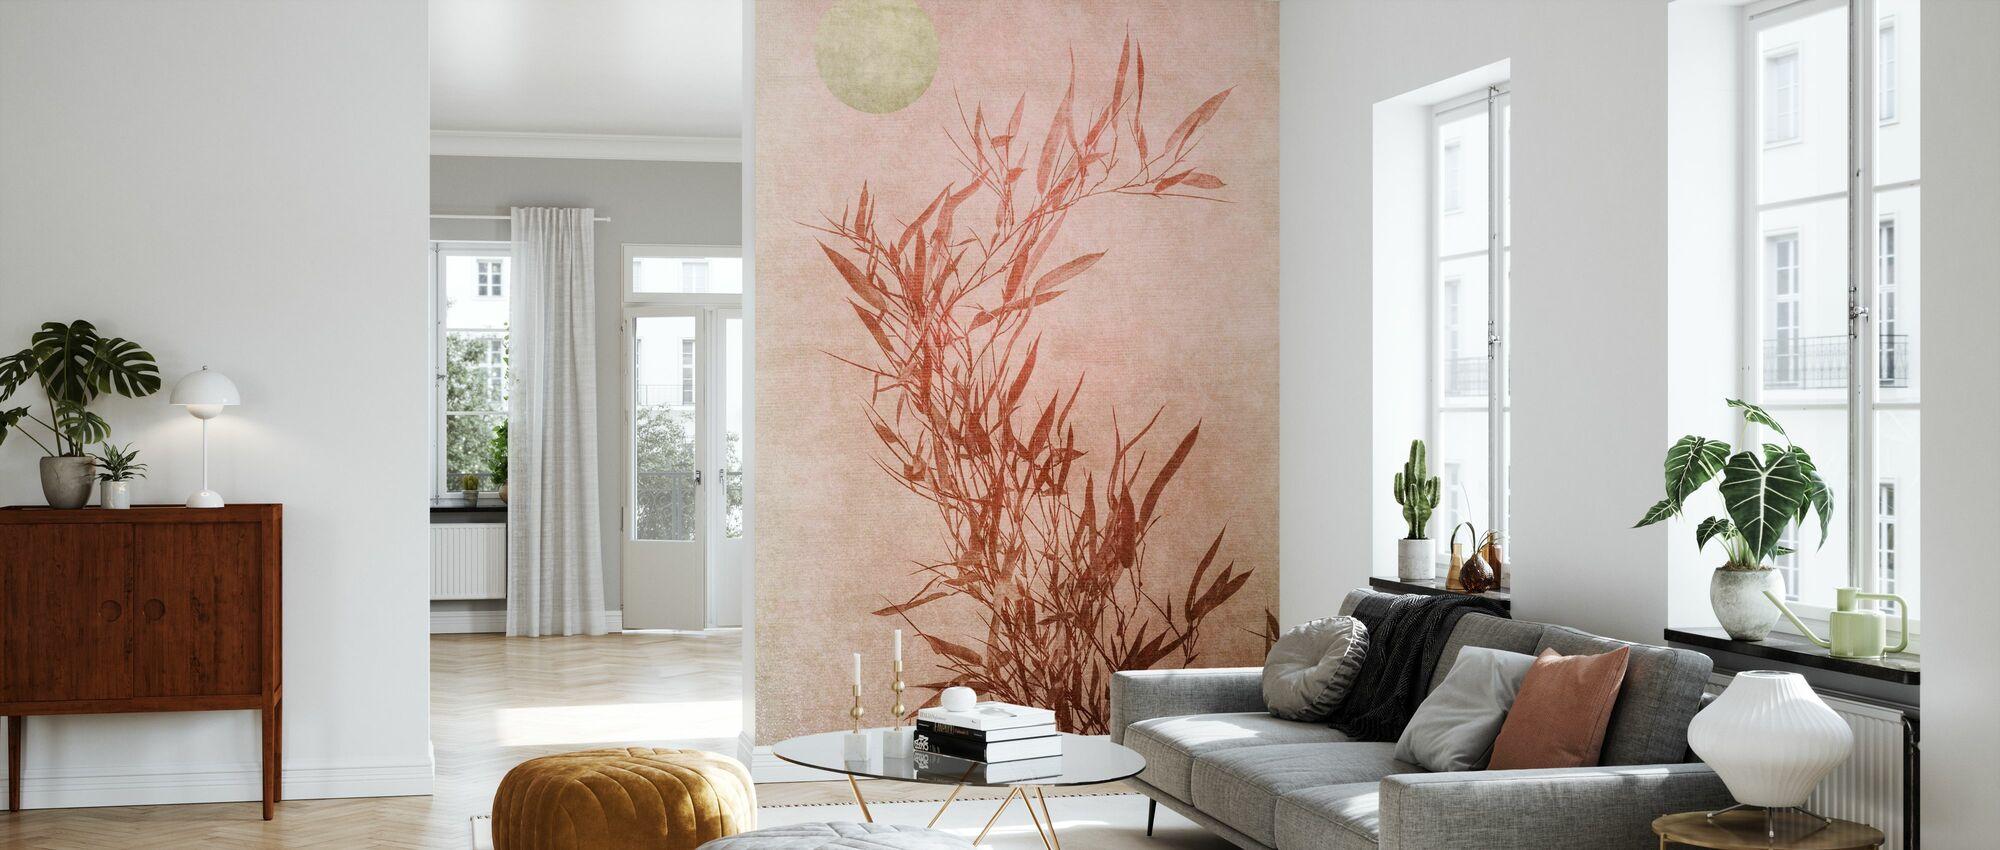 Sentimental Touch - Wallpaper - Living Room